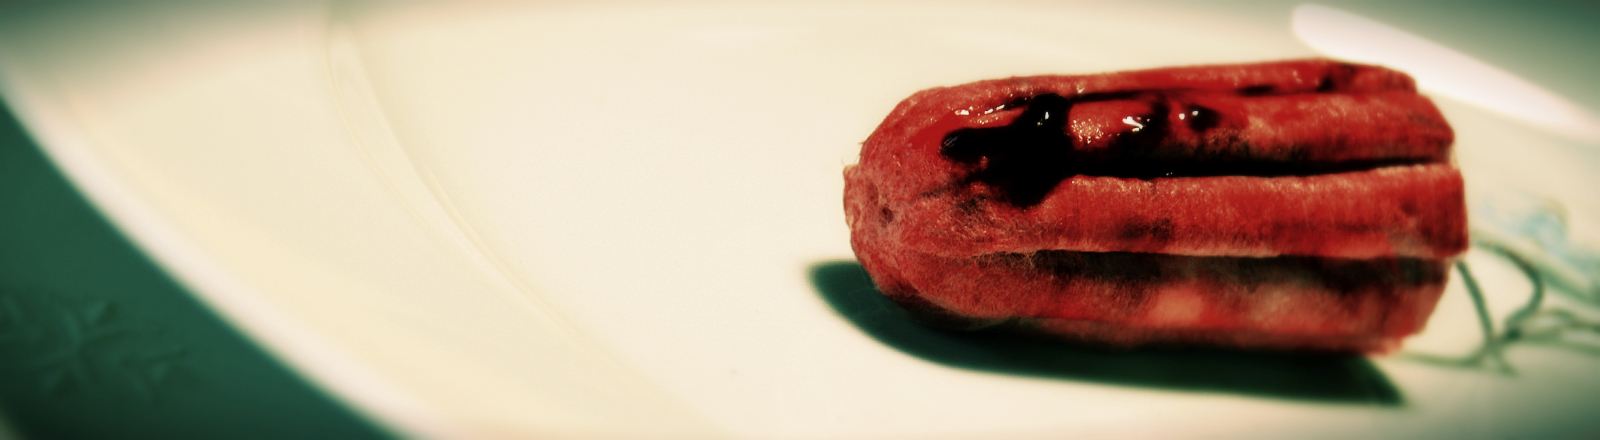 Ein Tampon mit Kunstblut auf einem Teller